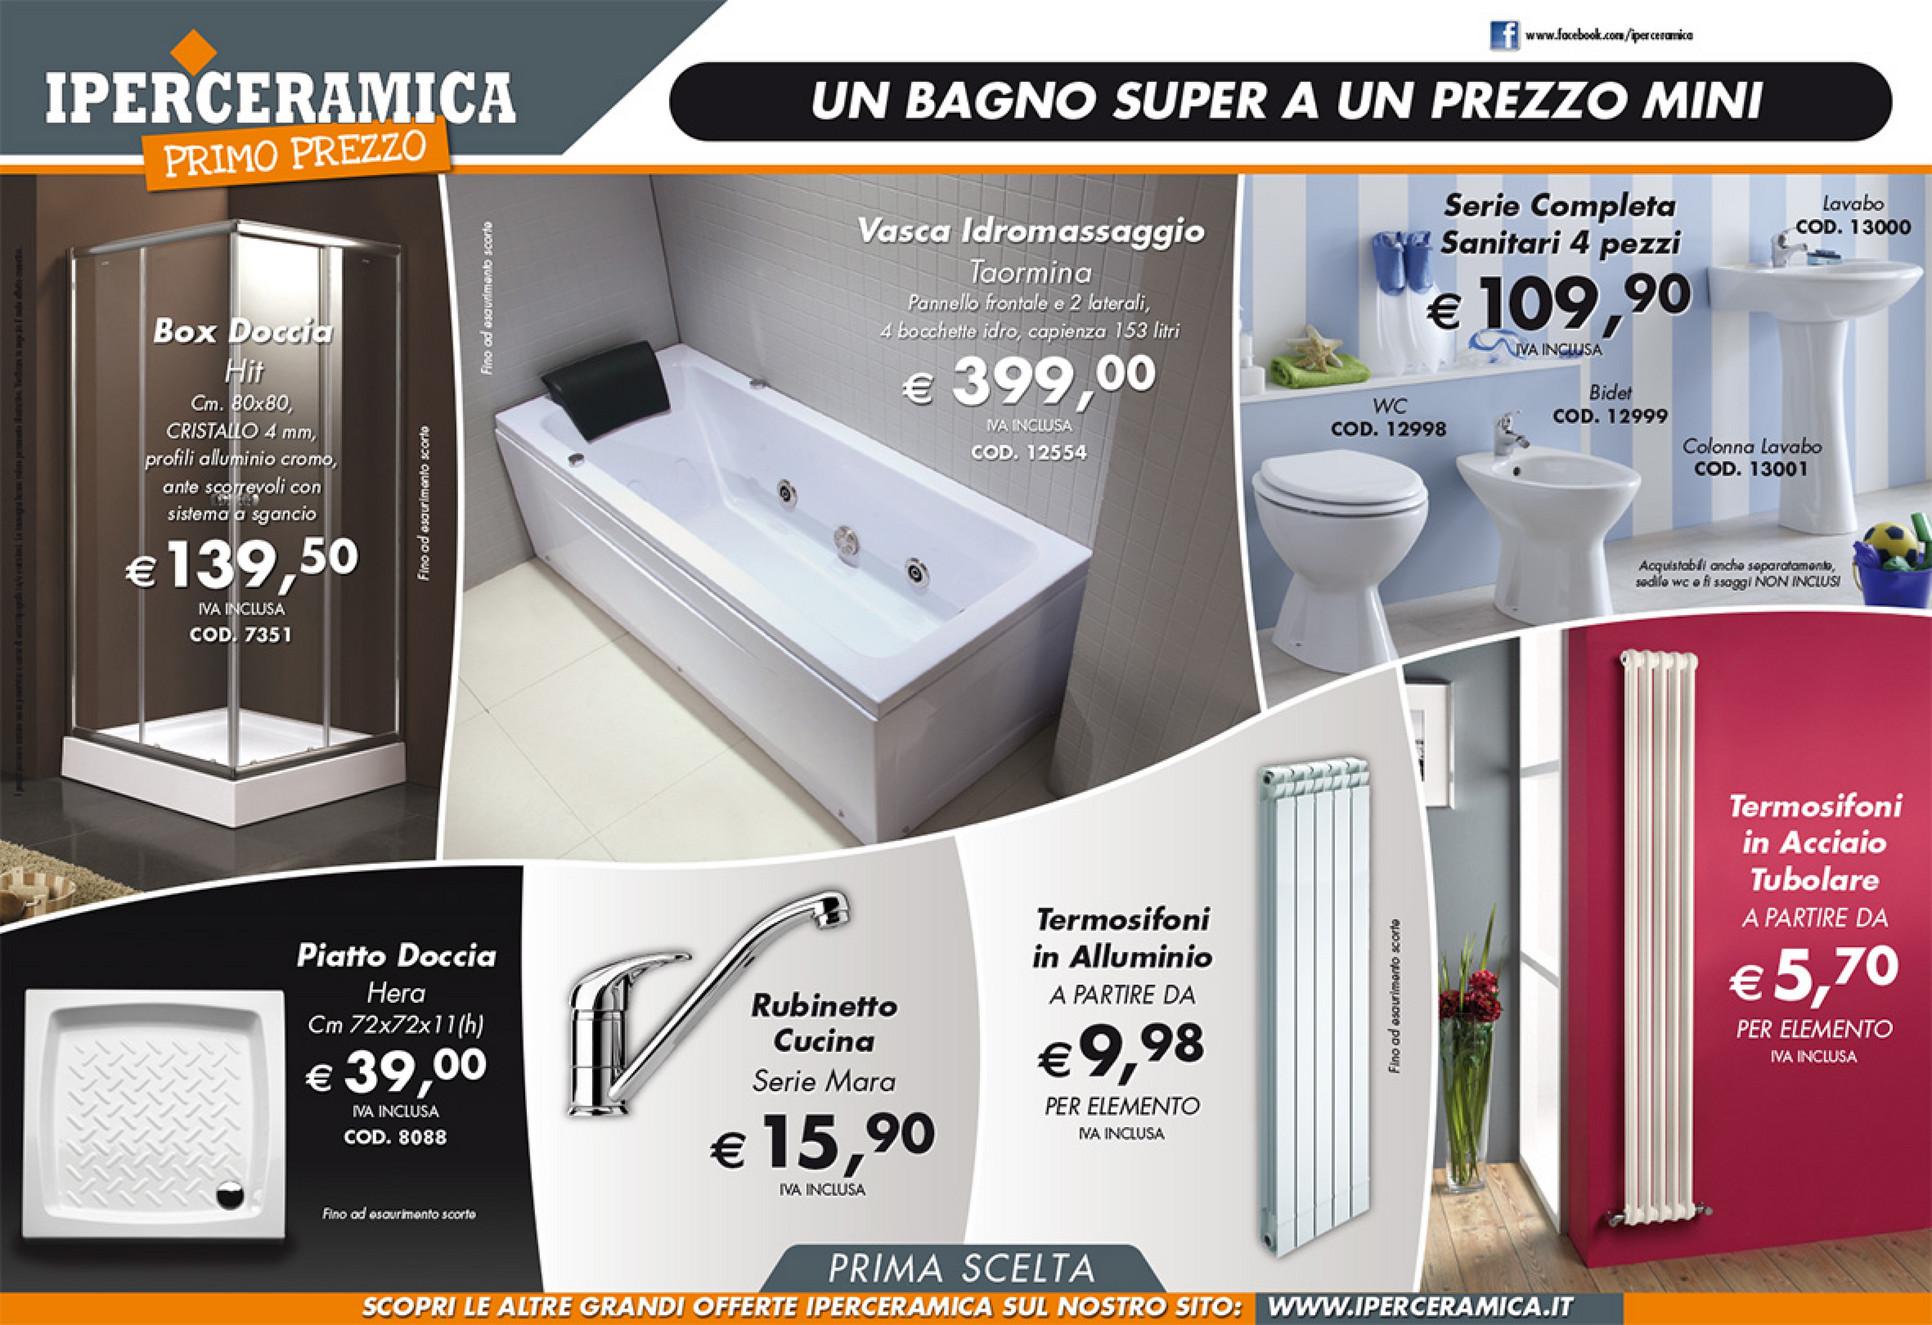 Volantinofacile catalogo iperceramica primo prezzo 2015 for Primo prezzo